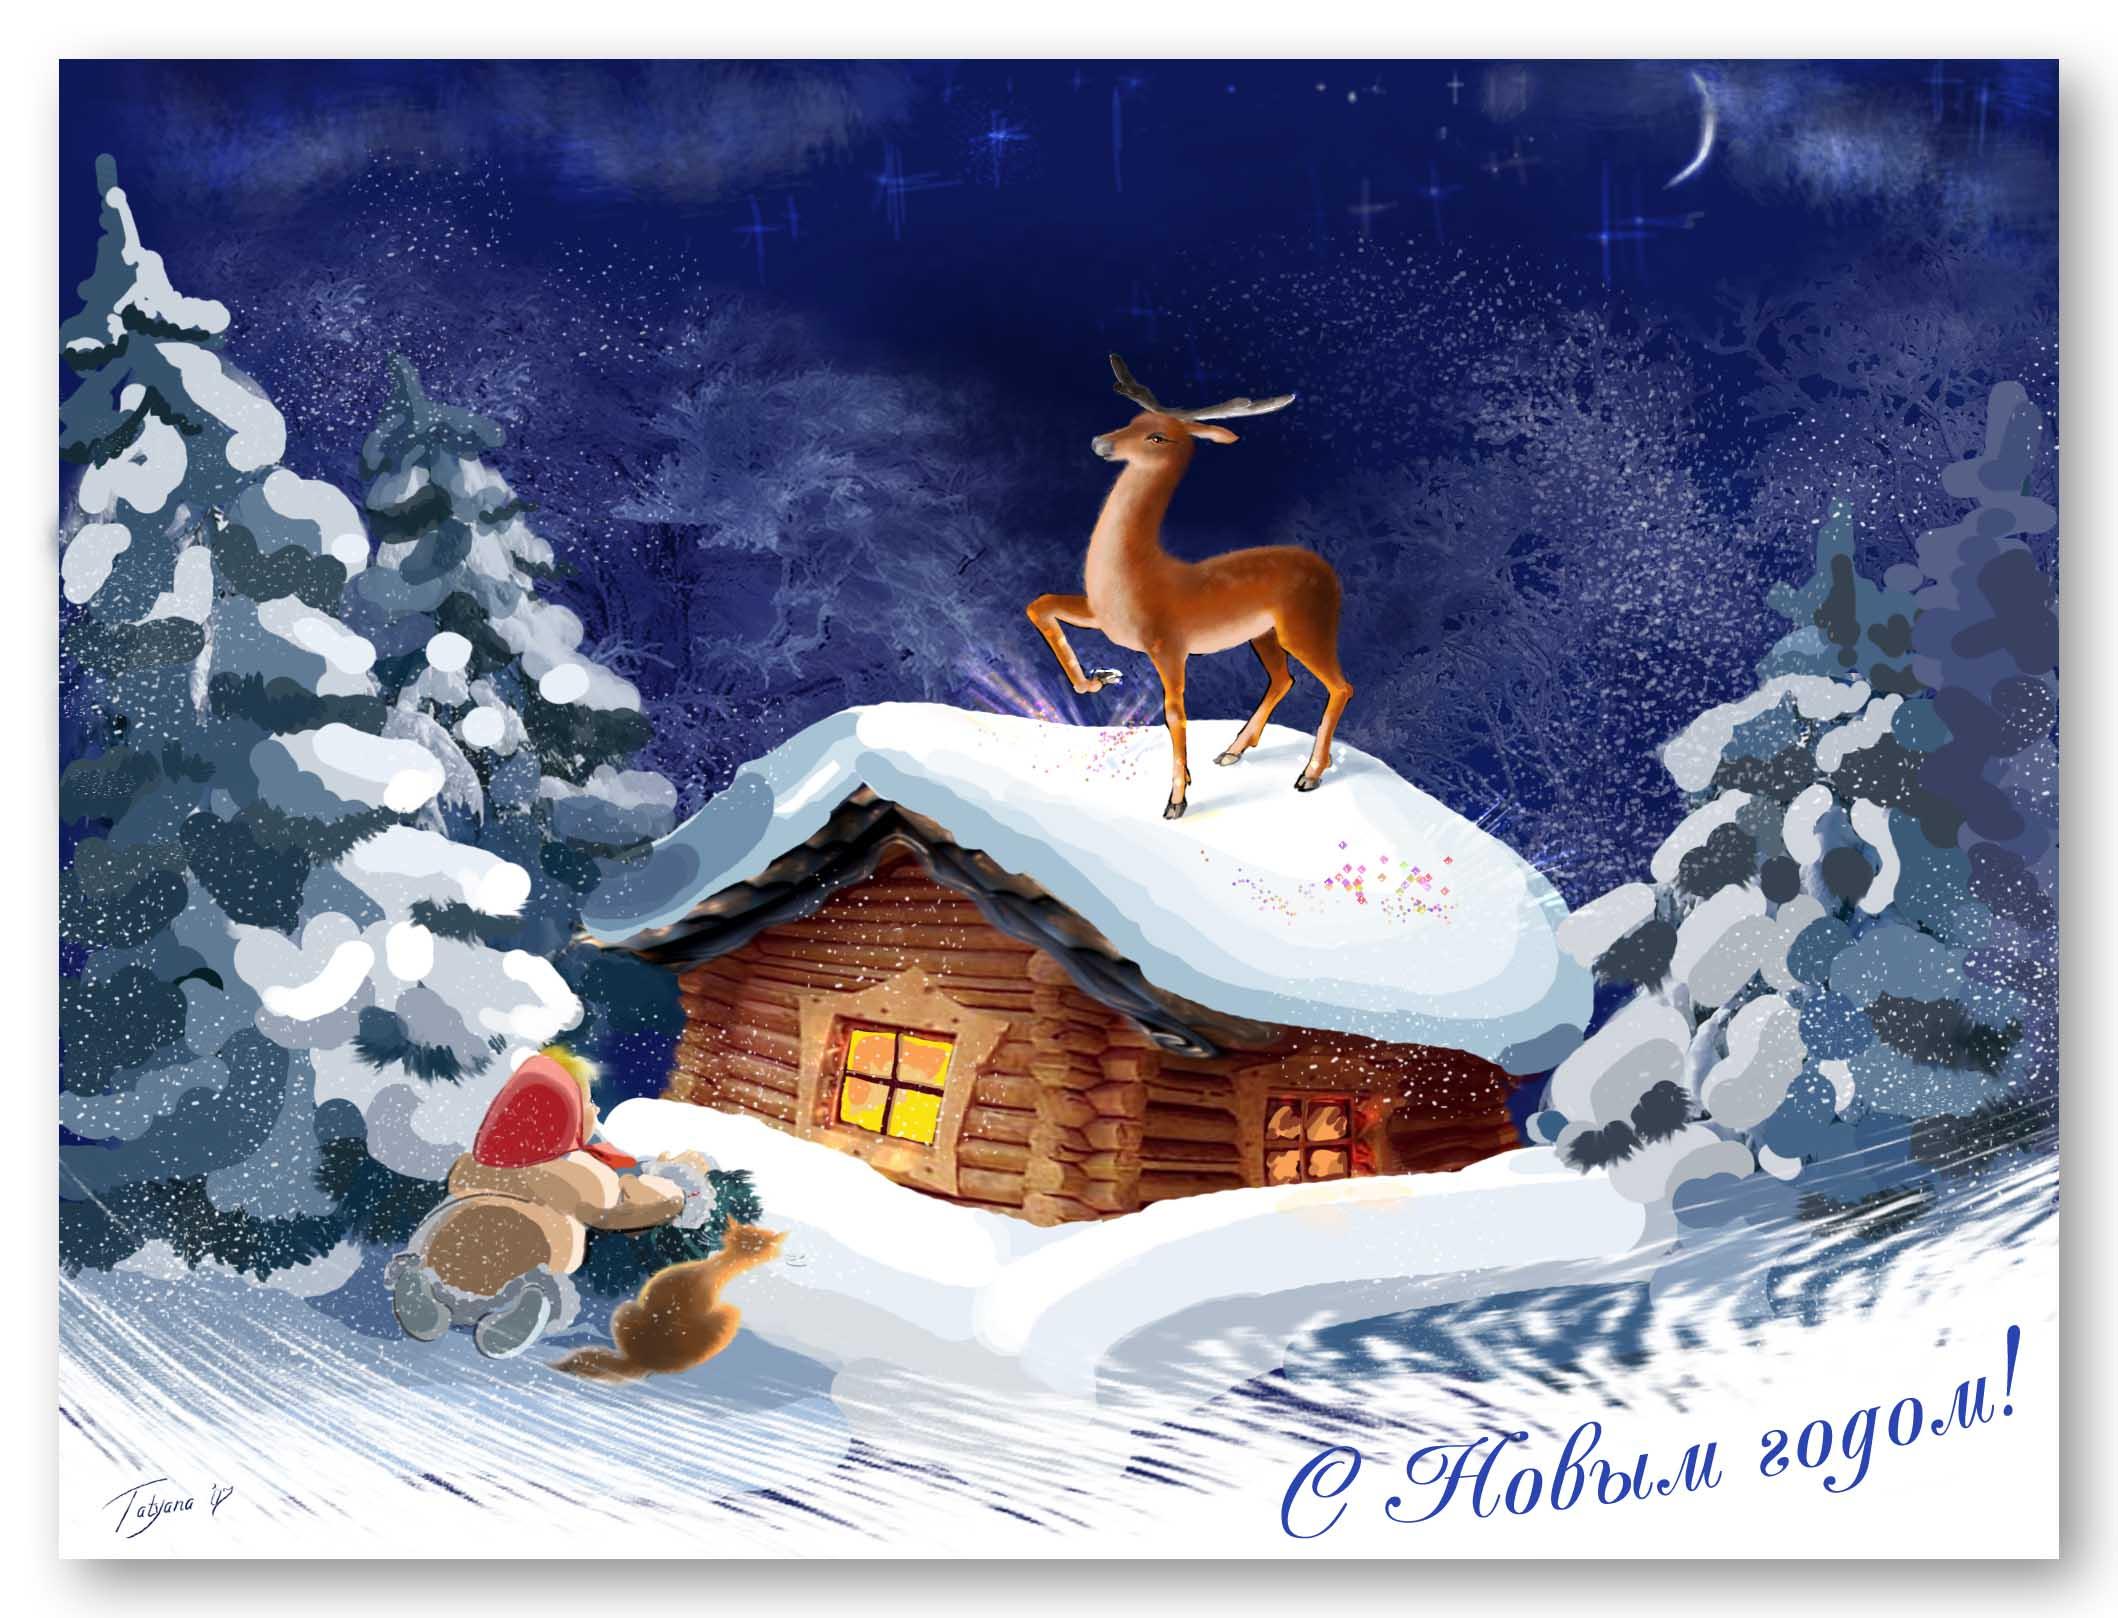 Сказка зима снег олень скачать